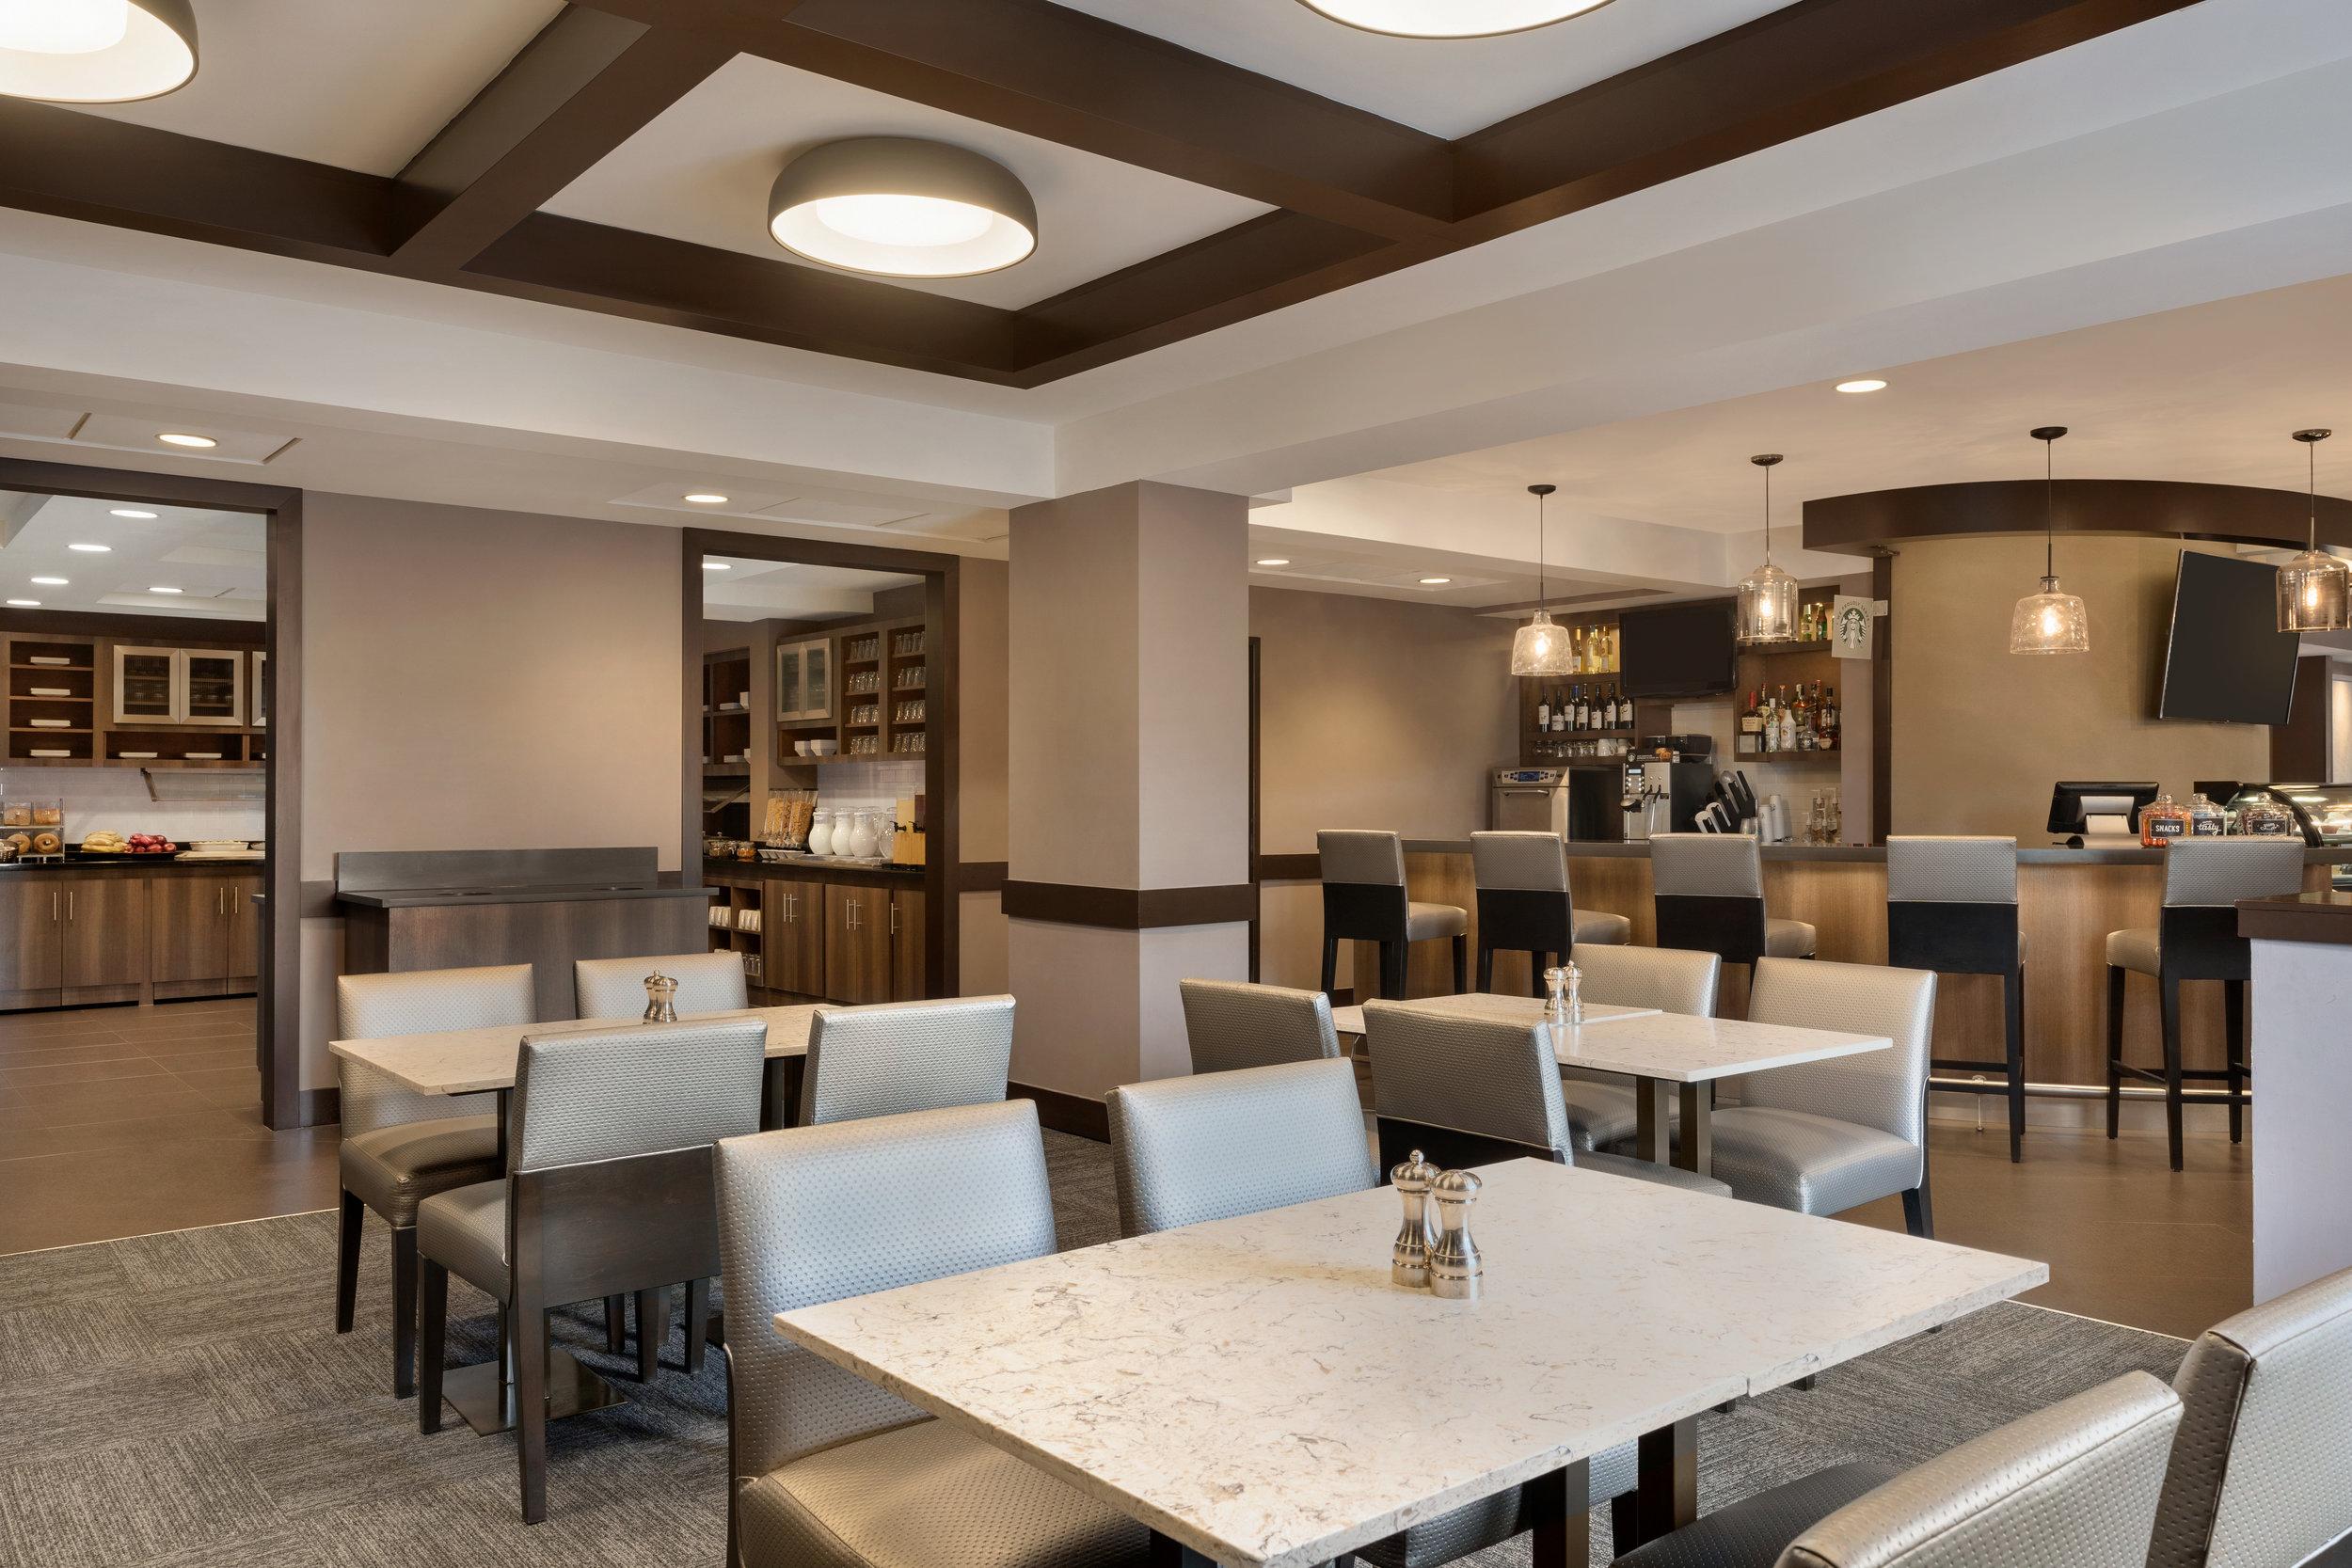 Hyatt-Place-Philadelphia-King-of-Prussia-Breakfast-Area-03.jpg